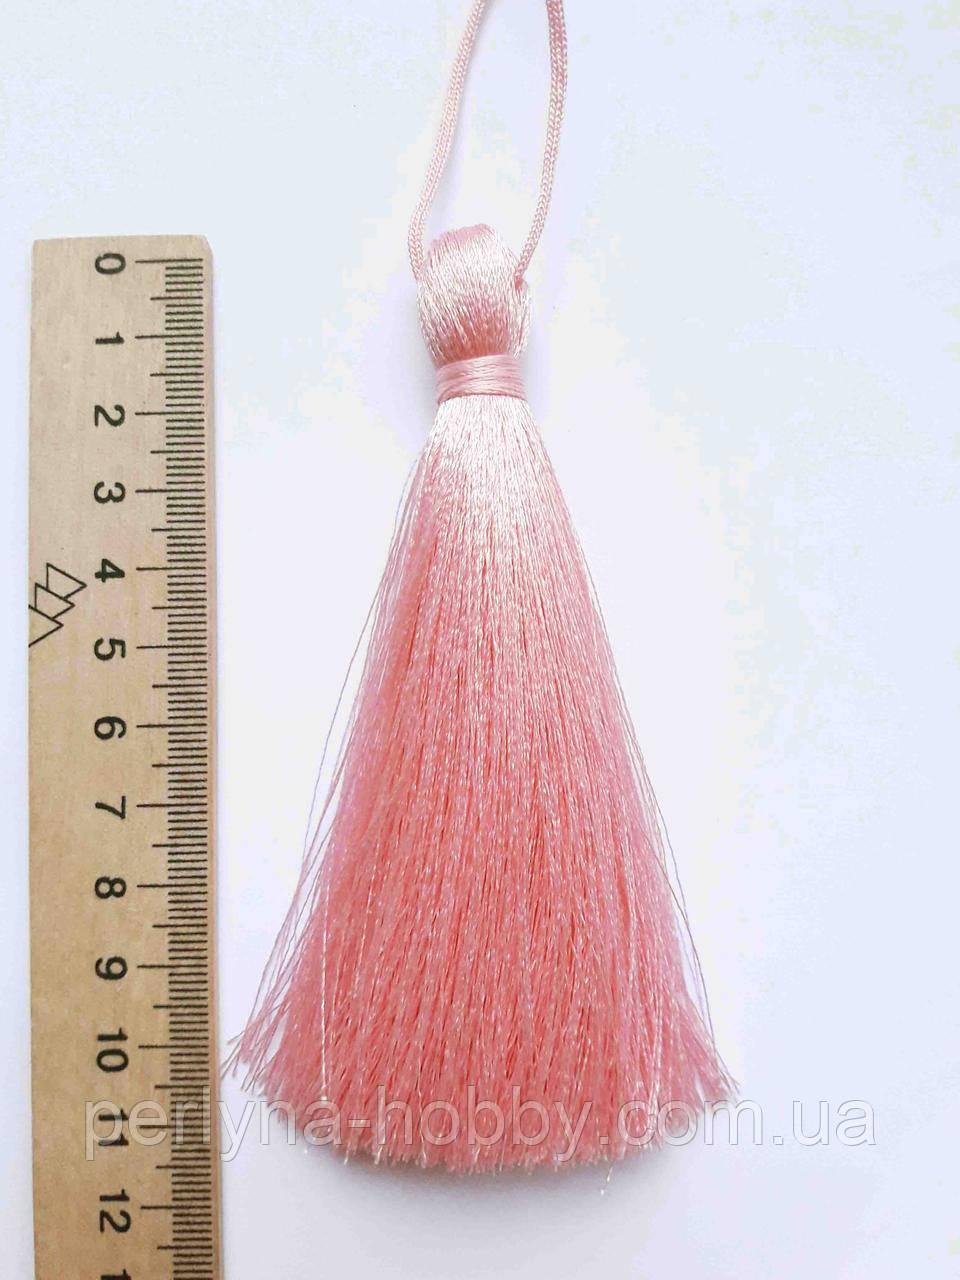 Кисти шелковые декоративные ( 1 шт ) Китиця декоративна велика 10-11 см, рожева пастельна, пудра, 0185, 1 шт.